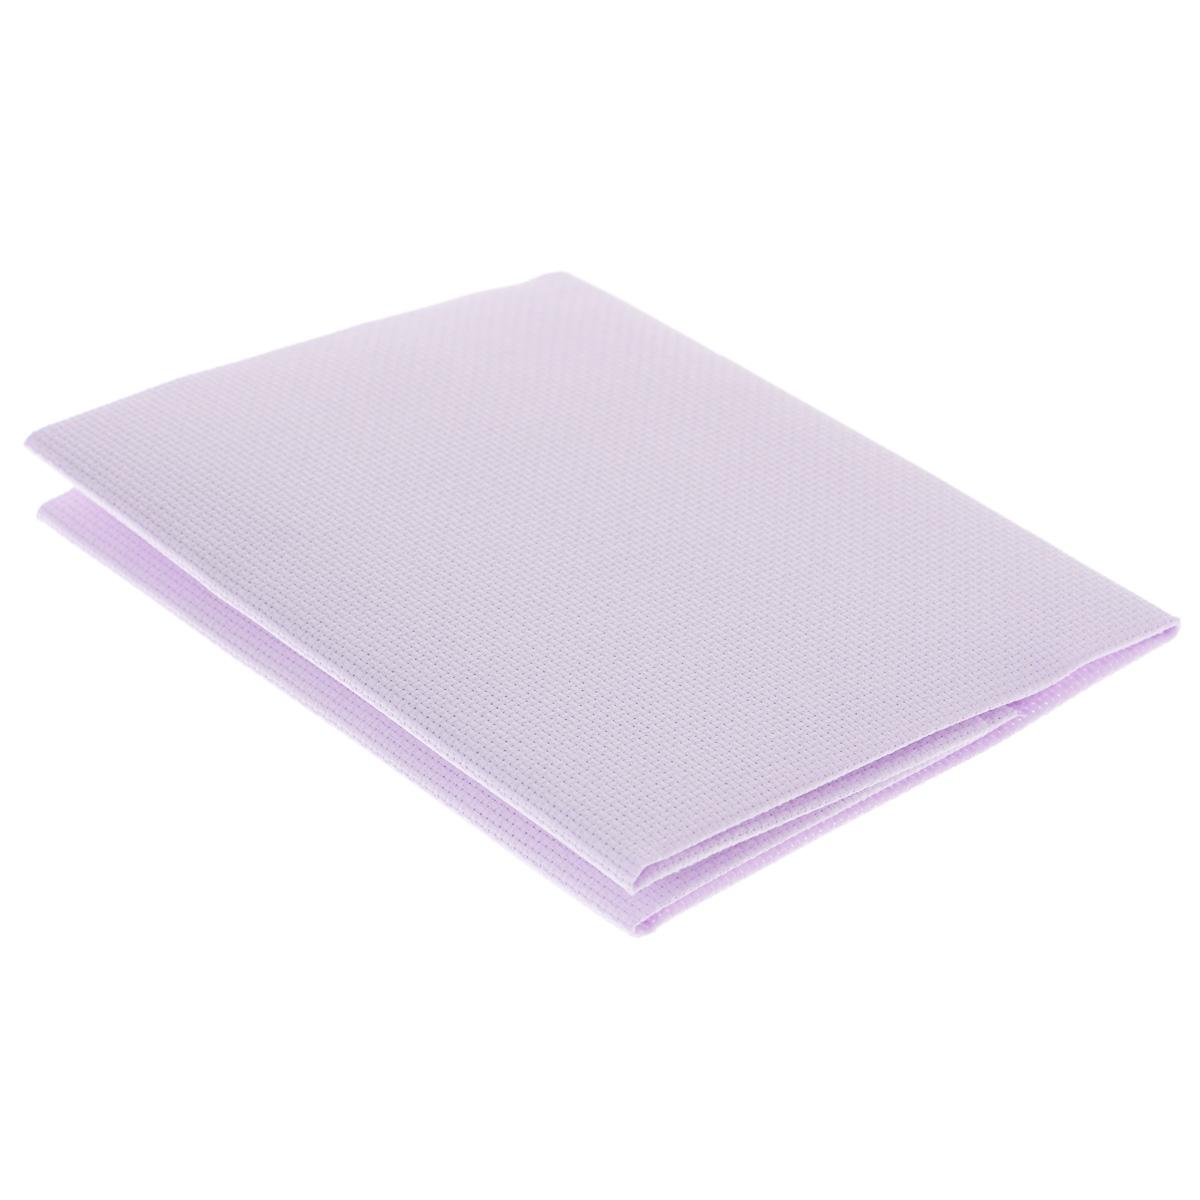 Канва для вышивания Bestex Aida 14, цвет: розовый, 50 х 50 см 549394549394Канва для вышивания Bestex Aida 14 изготовлена из 100% хлопка. Применяется как основа или трафарет для вышивания, иногда используется в качестве прокладочного материала в одежде. Создайте свой личный шедевр - красивую вышитую картину. Работа, выполненная своими руками, станет отличным подарком для друзей и близких! 14 нитей на дюйм (55 клеток x 10 см).